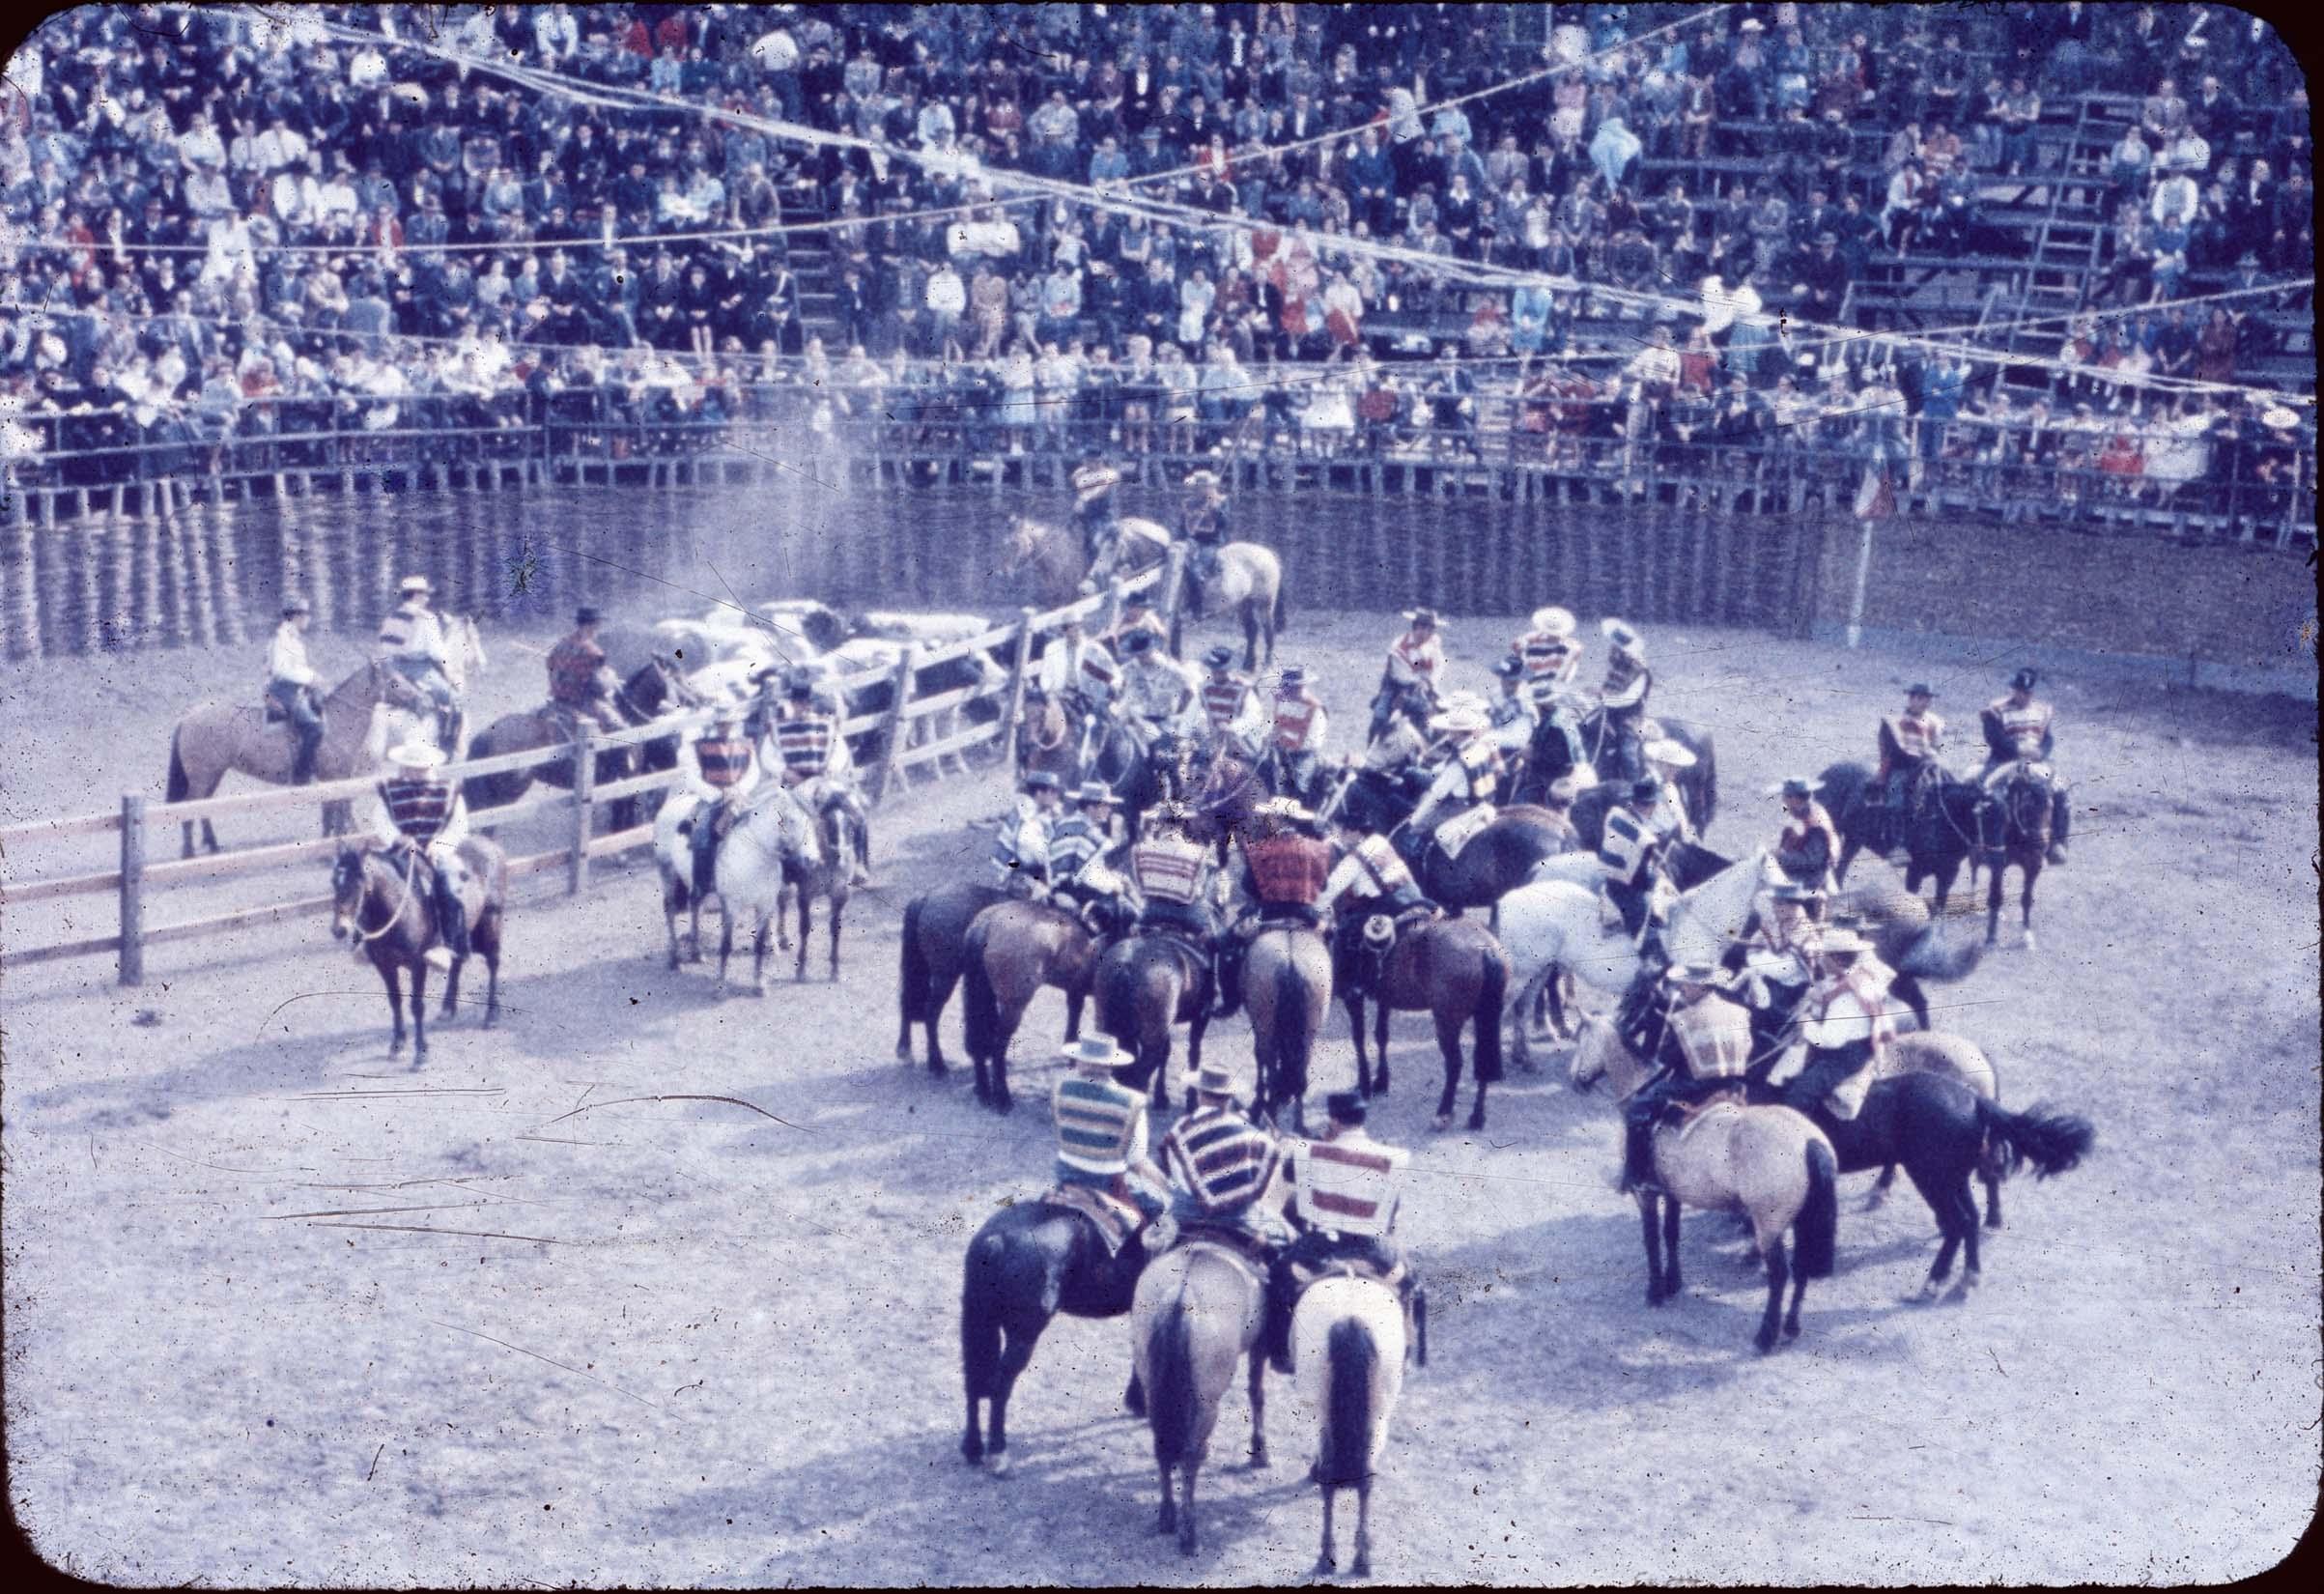 Enterreno - Fotos históricas de chile - fotos antiguas de Chile - Huasos en rodeo de Curicó en los 60